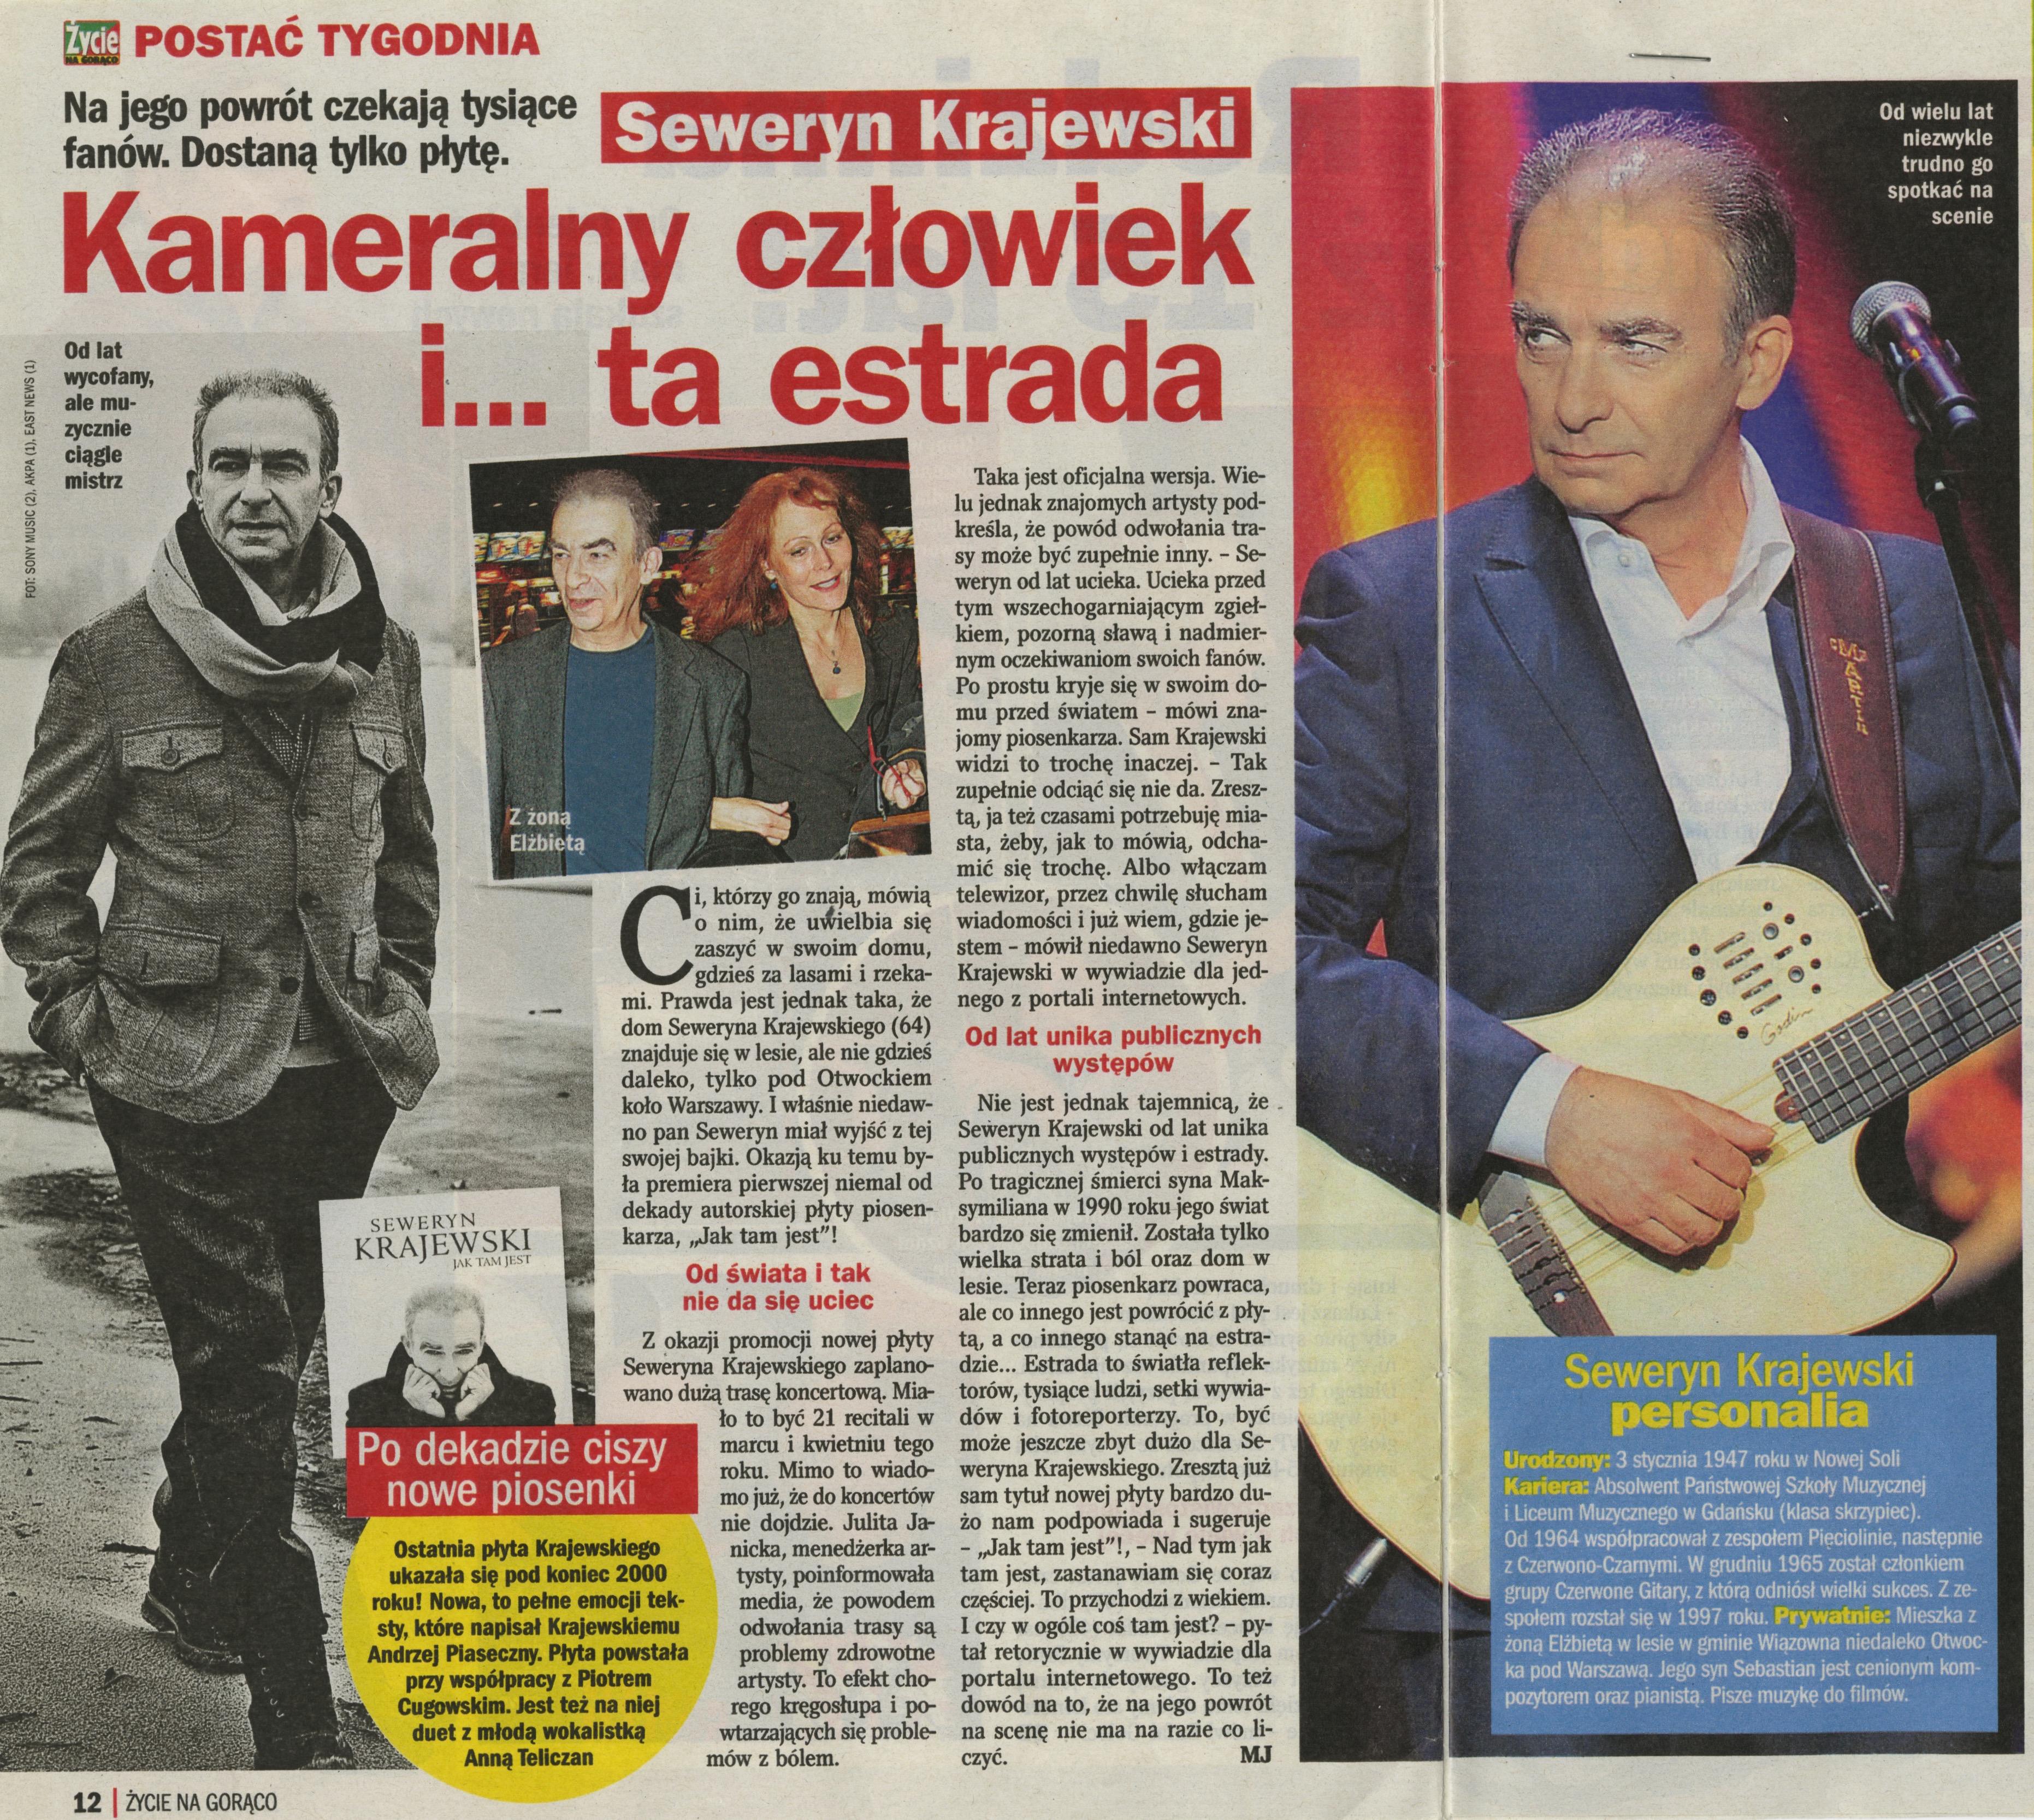 2004-2012-Zycie_na_goraco_2011_Kameralny_czlowiek